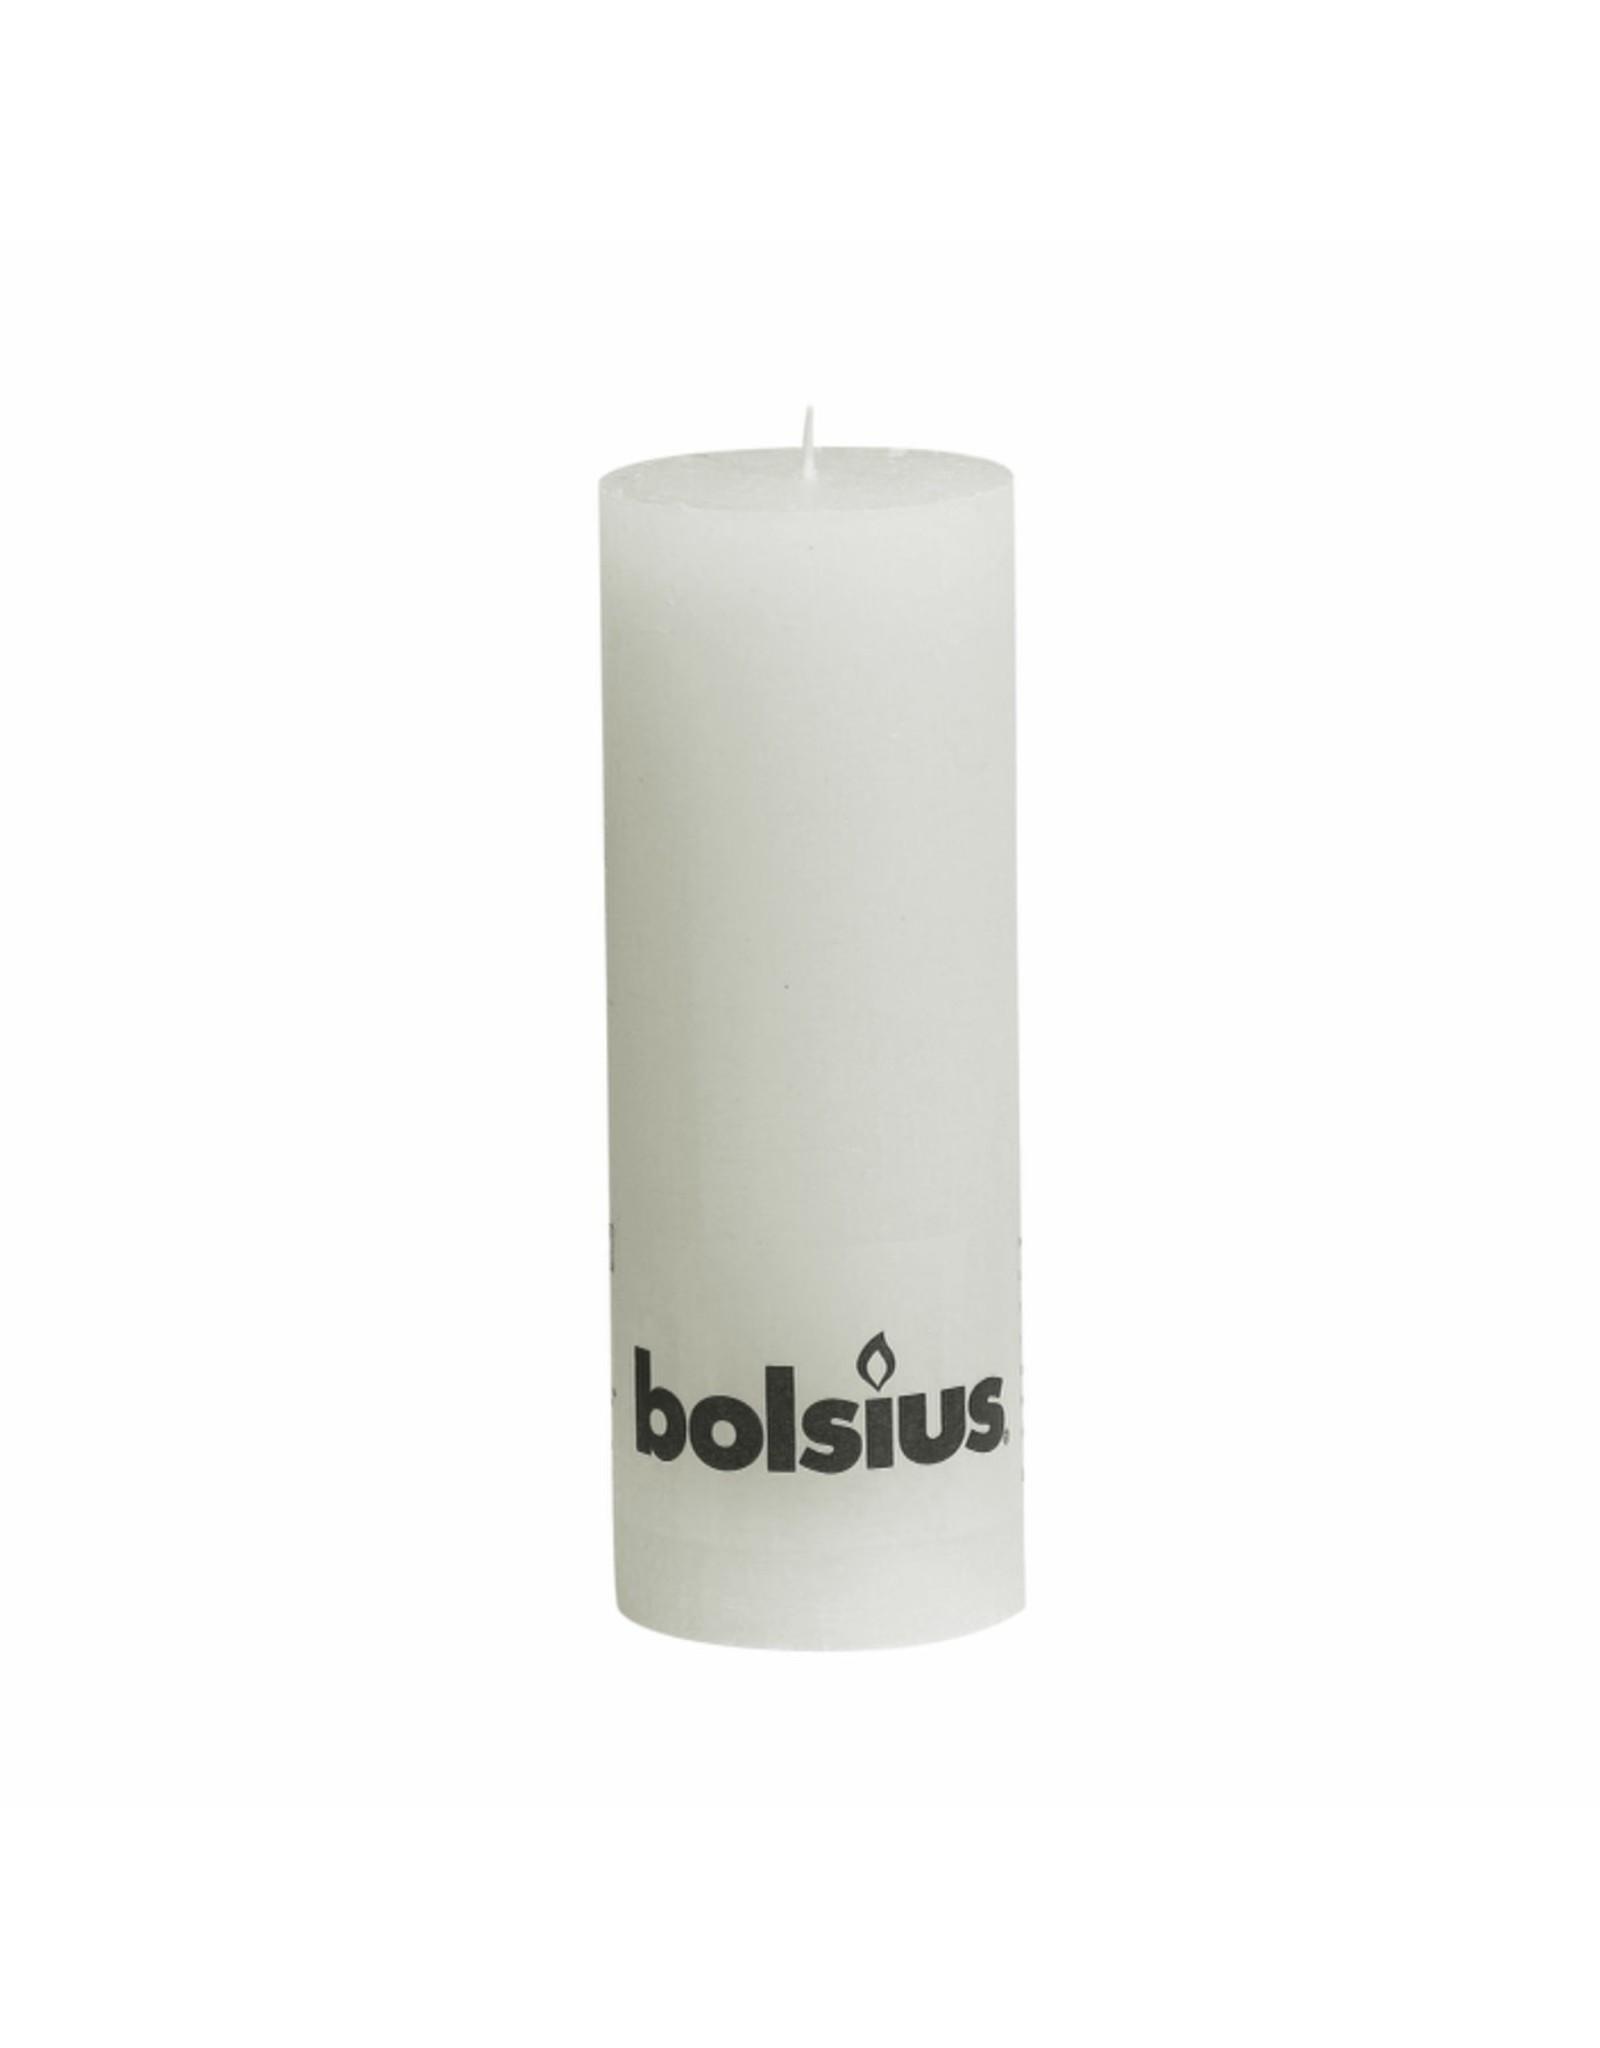 BOLSIUS RUSTIEK KRS 6.8X19 WIT